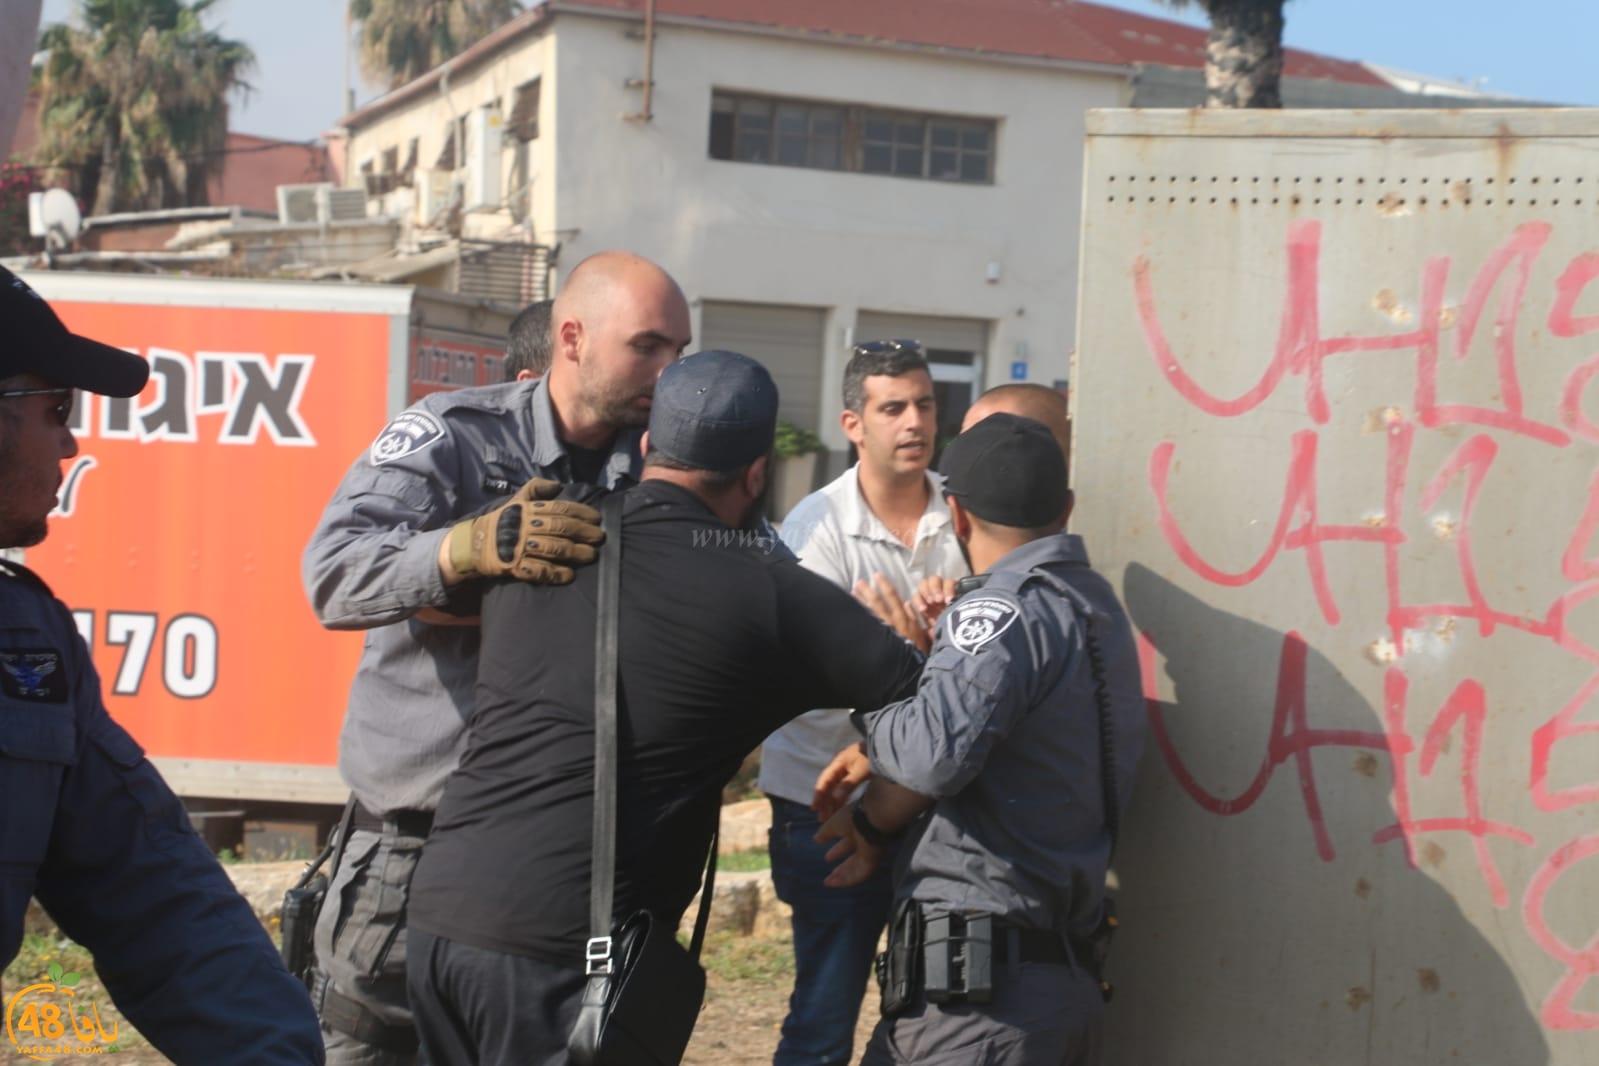 فيديو: تجريف القبور في مقبرة الاسعاف بيافا واعتقال الشيخ محمد عايش وثلاثة قاصرين